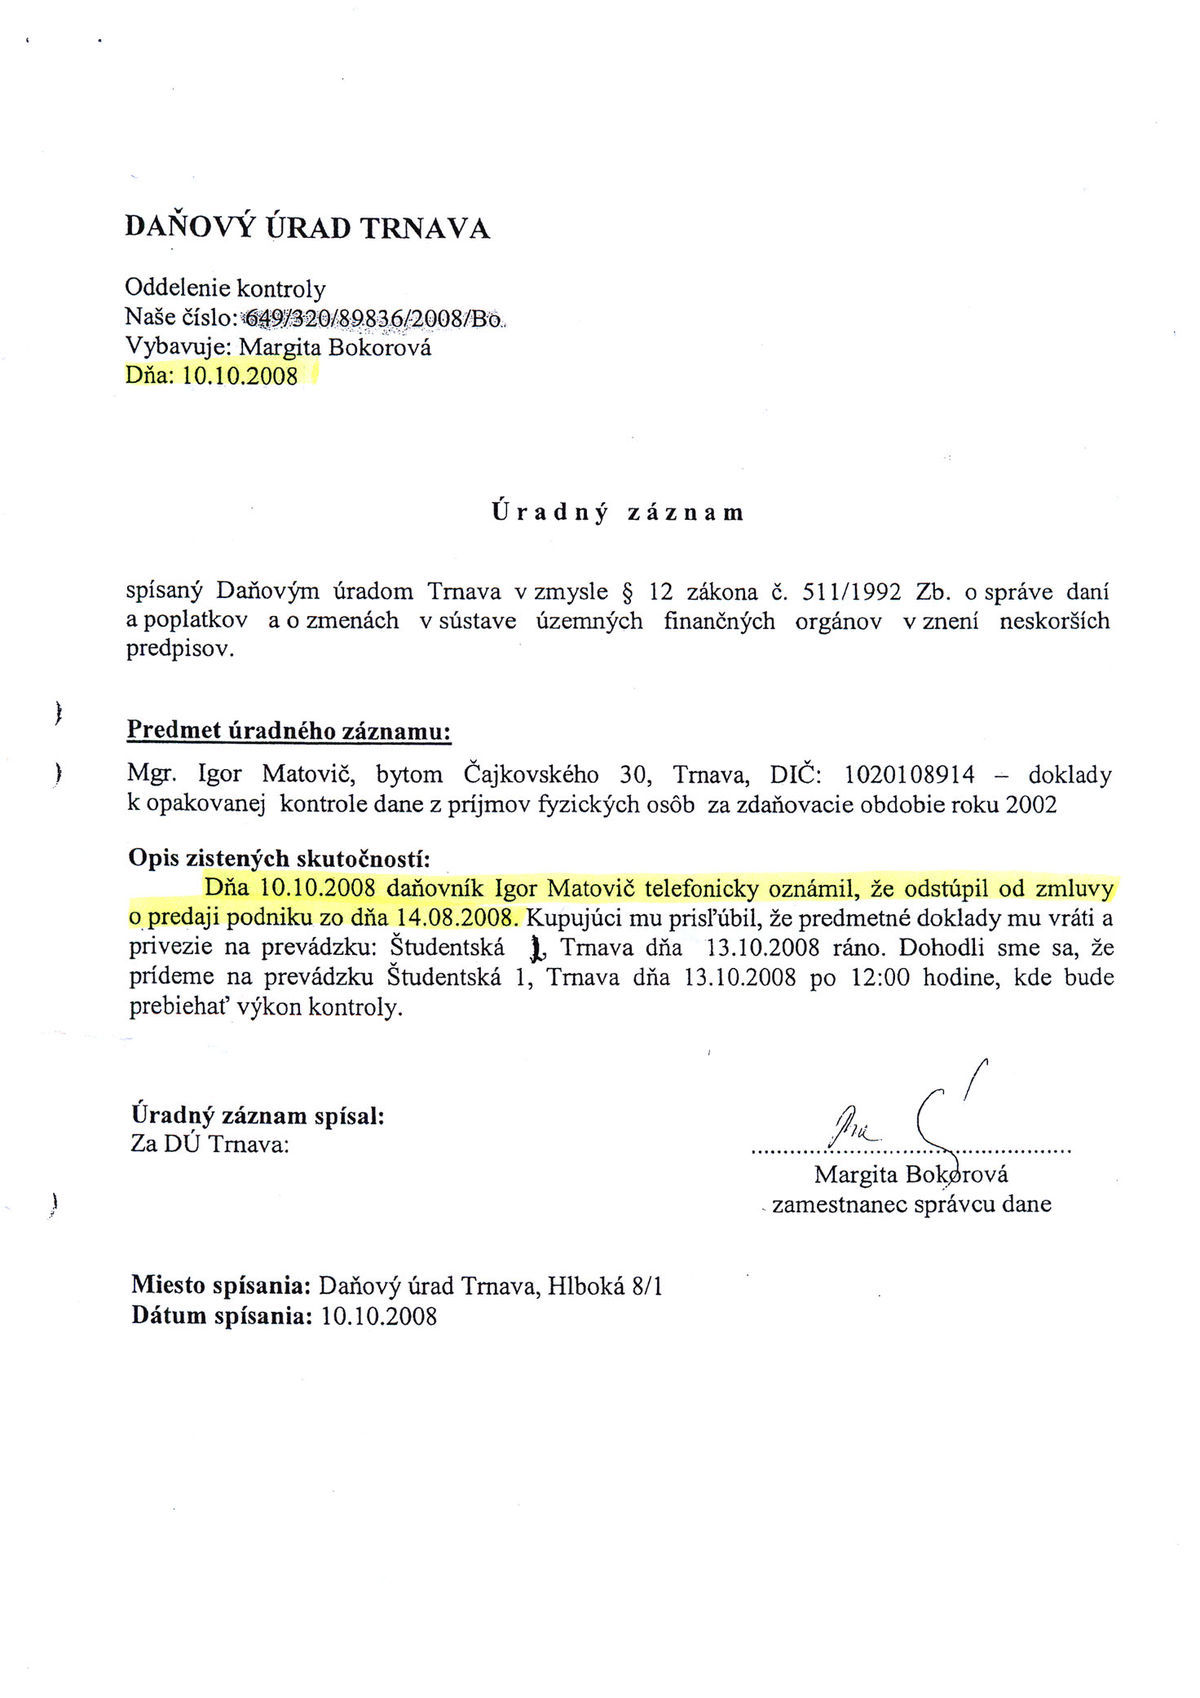 Úradný záznam z daňového úradu v Trnave.